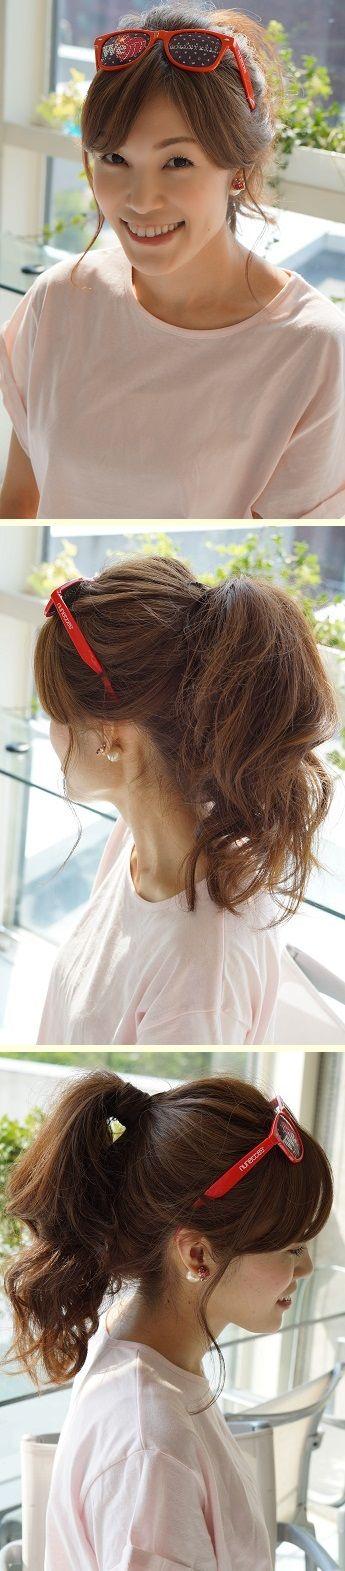 かわいすぎる「スポーツ観戦ヘア」アレンジ実例7つ フェスやライブなどアクティブな日におすすめ☆ #髪型 #ヘアスタイル #ヘアアレンジ #hairstyle